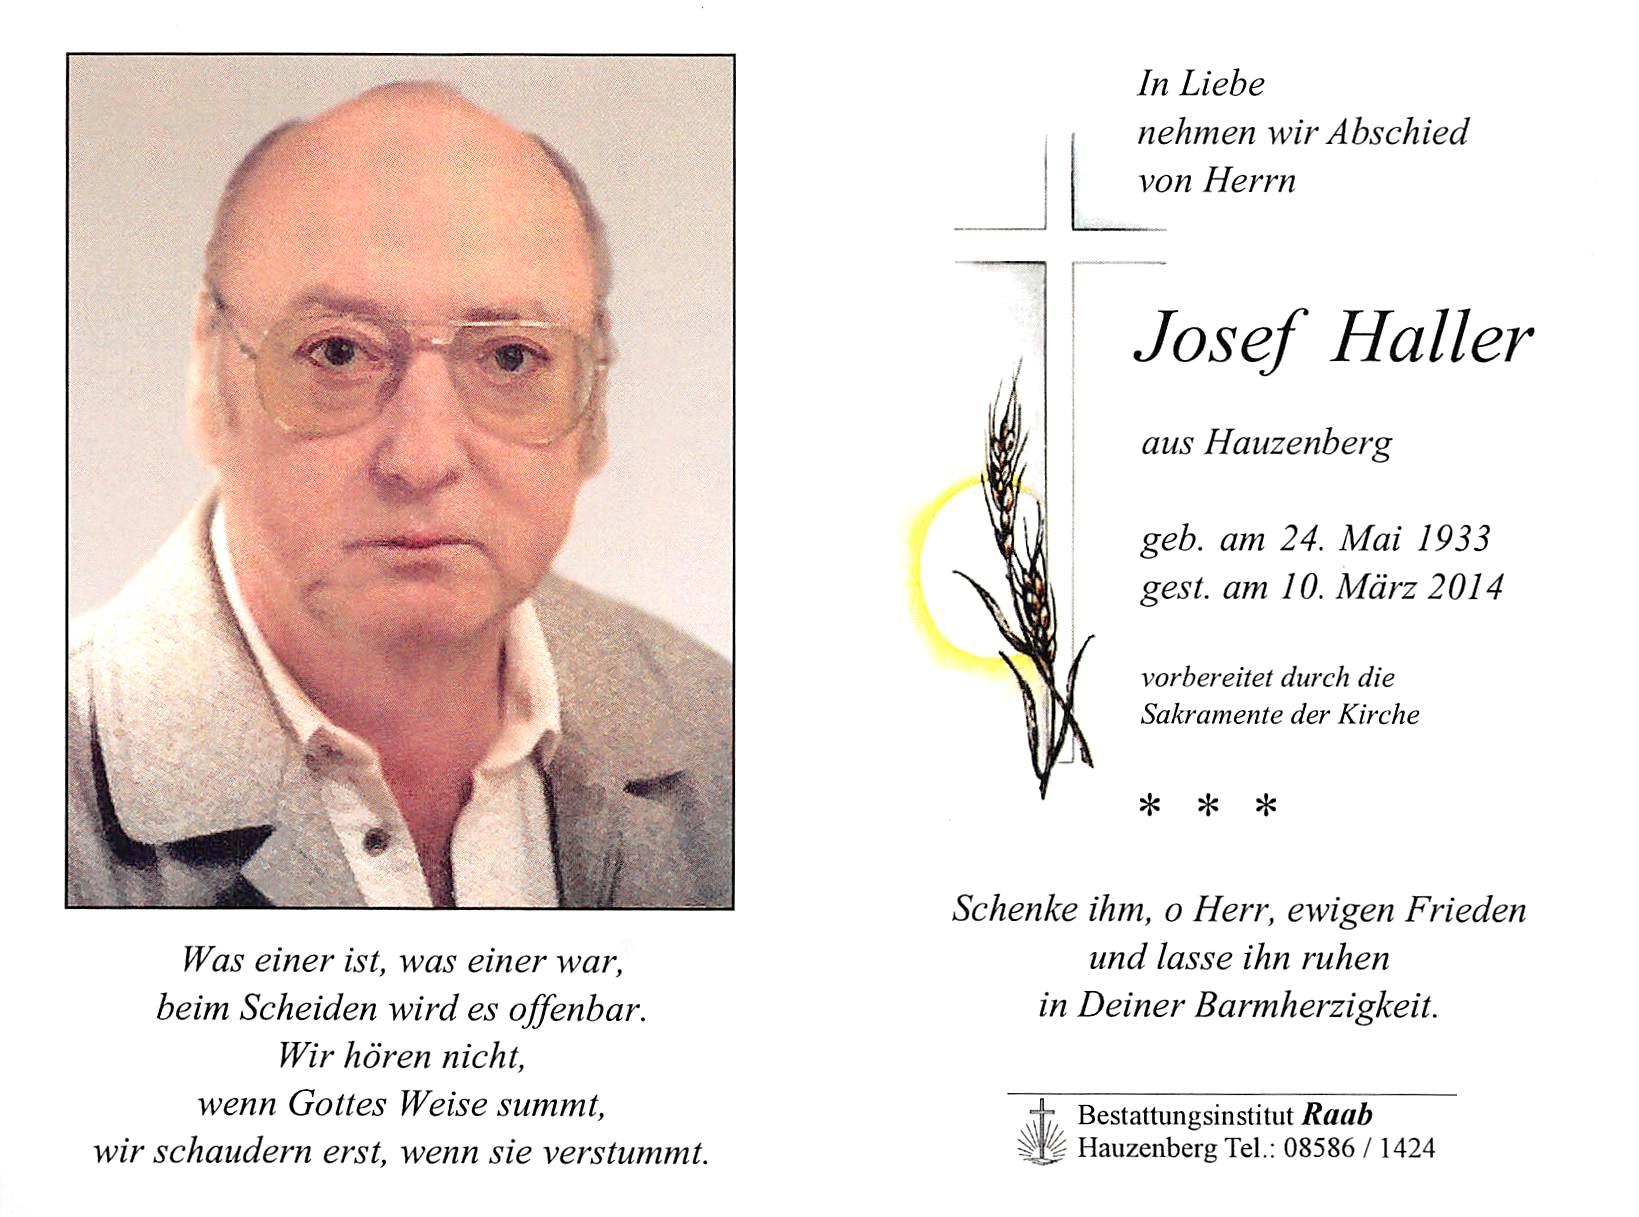 2014-03-10-Haller-Josef-Hauzenberg-Kaufmann